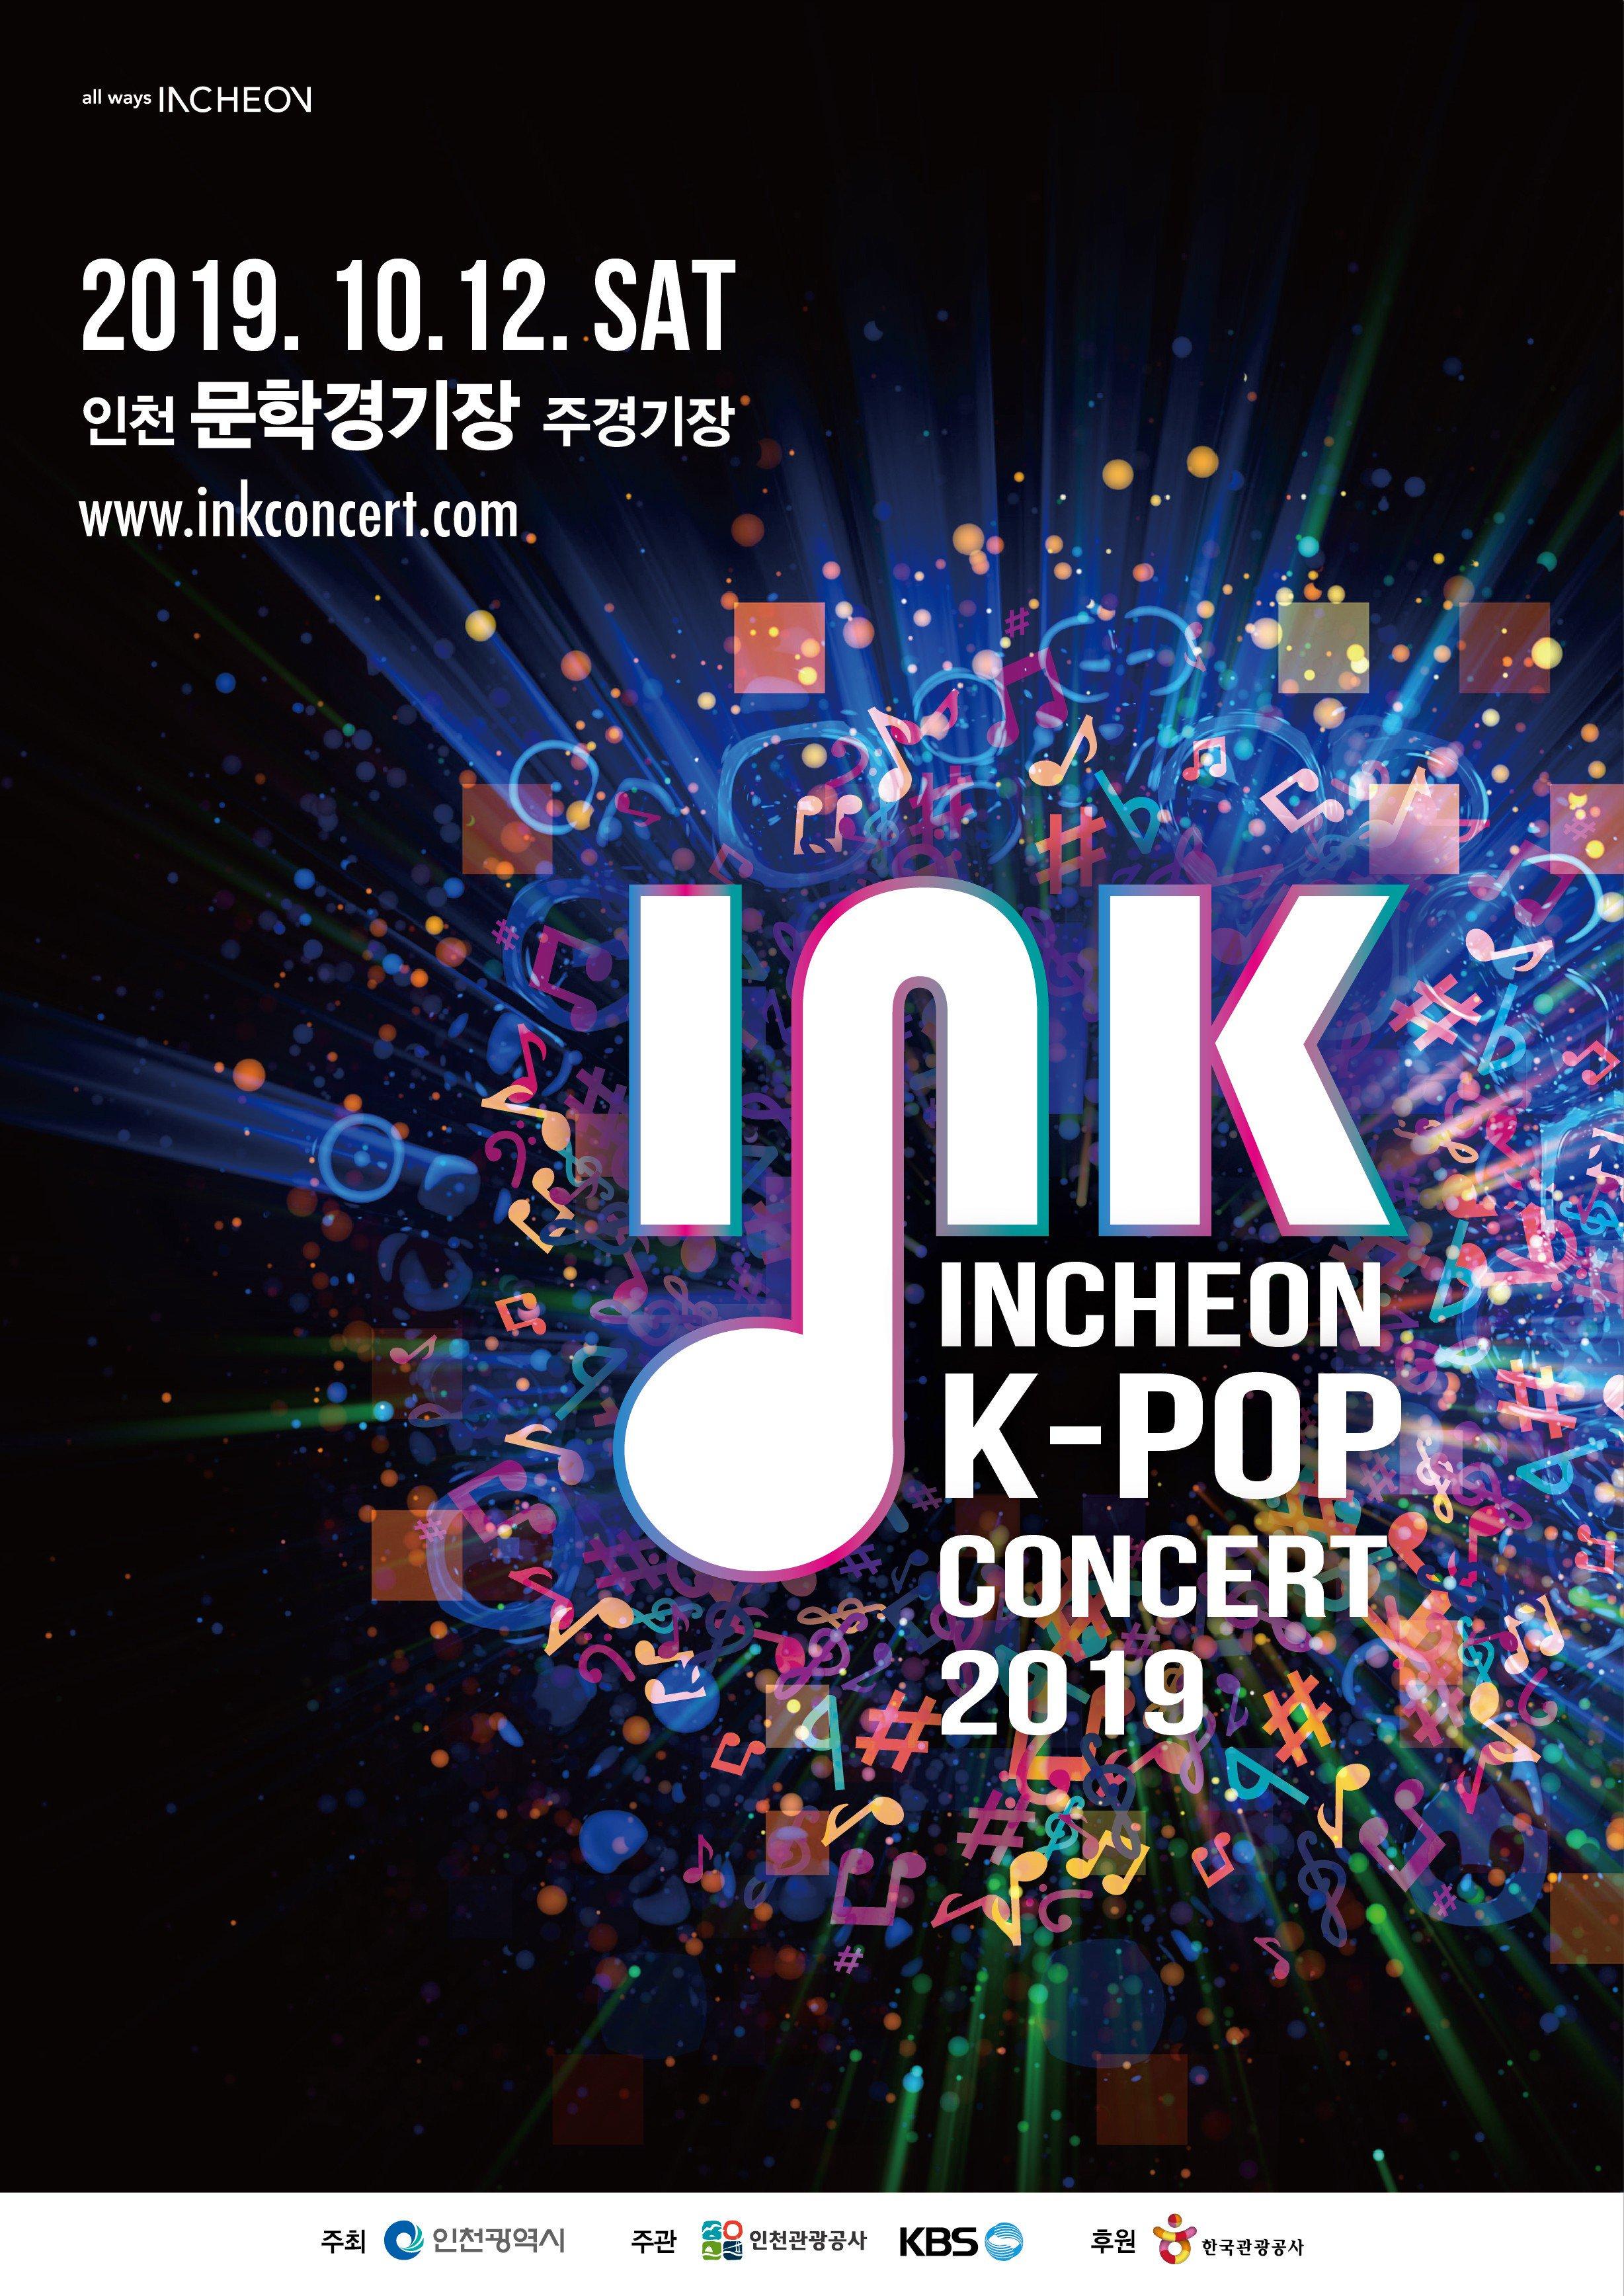 incheon kpop concert, ink 2019, ink, ink lineup, kpop, kpop idol concert